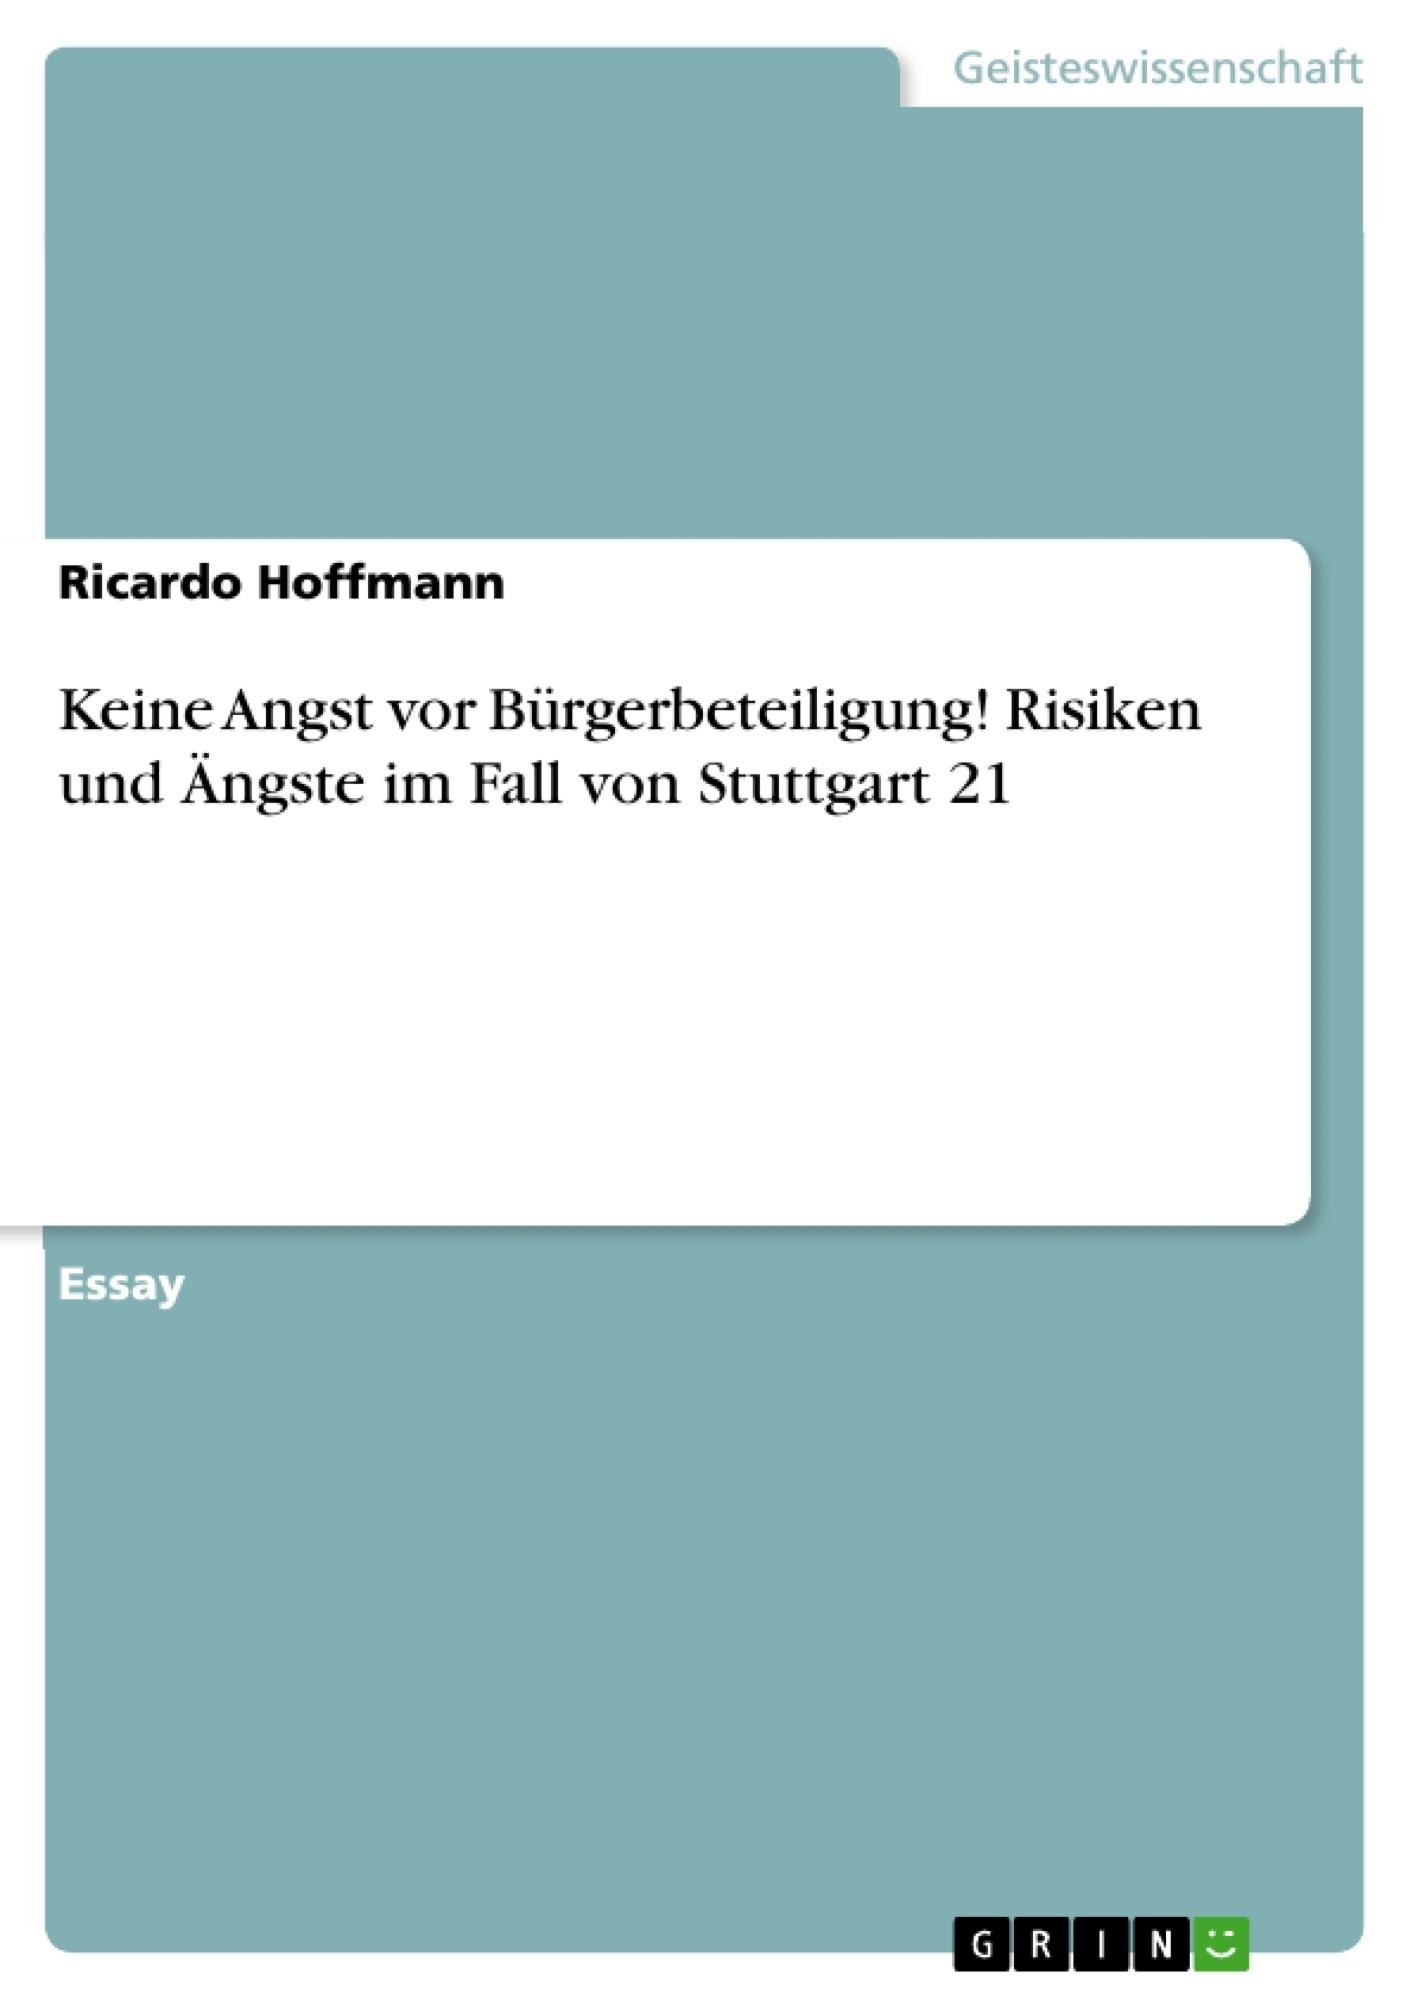 Titel: Keine Angst vor Bürgerbeteiligung! Risiken und Ängste im Fall von Stuttgart 21